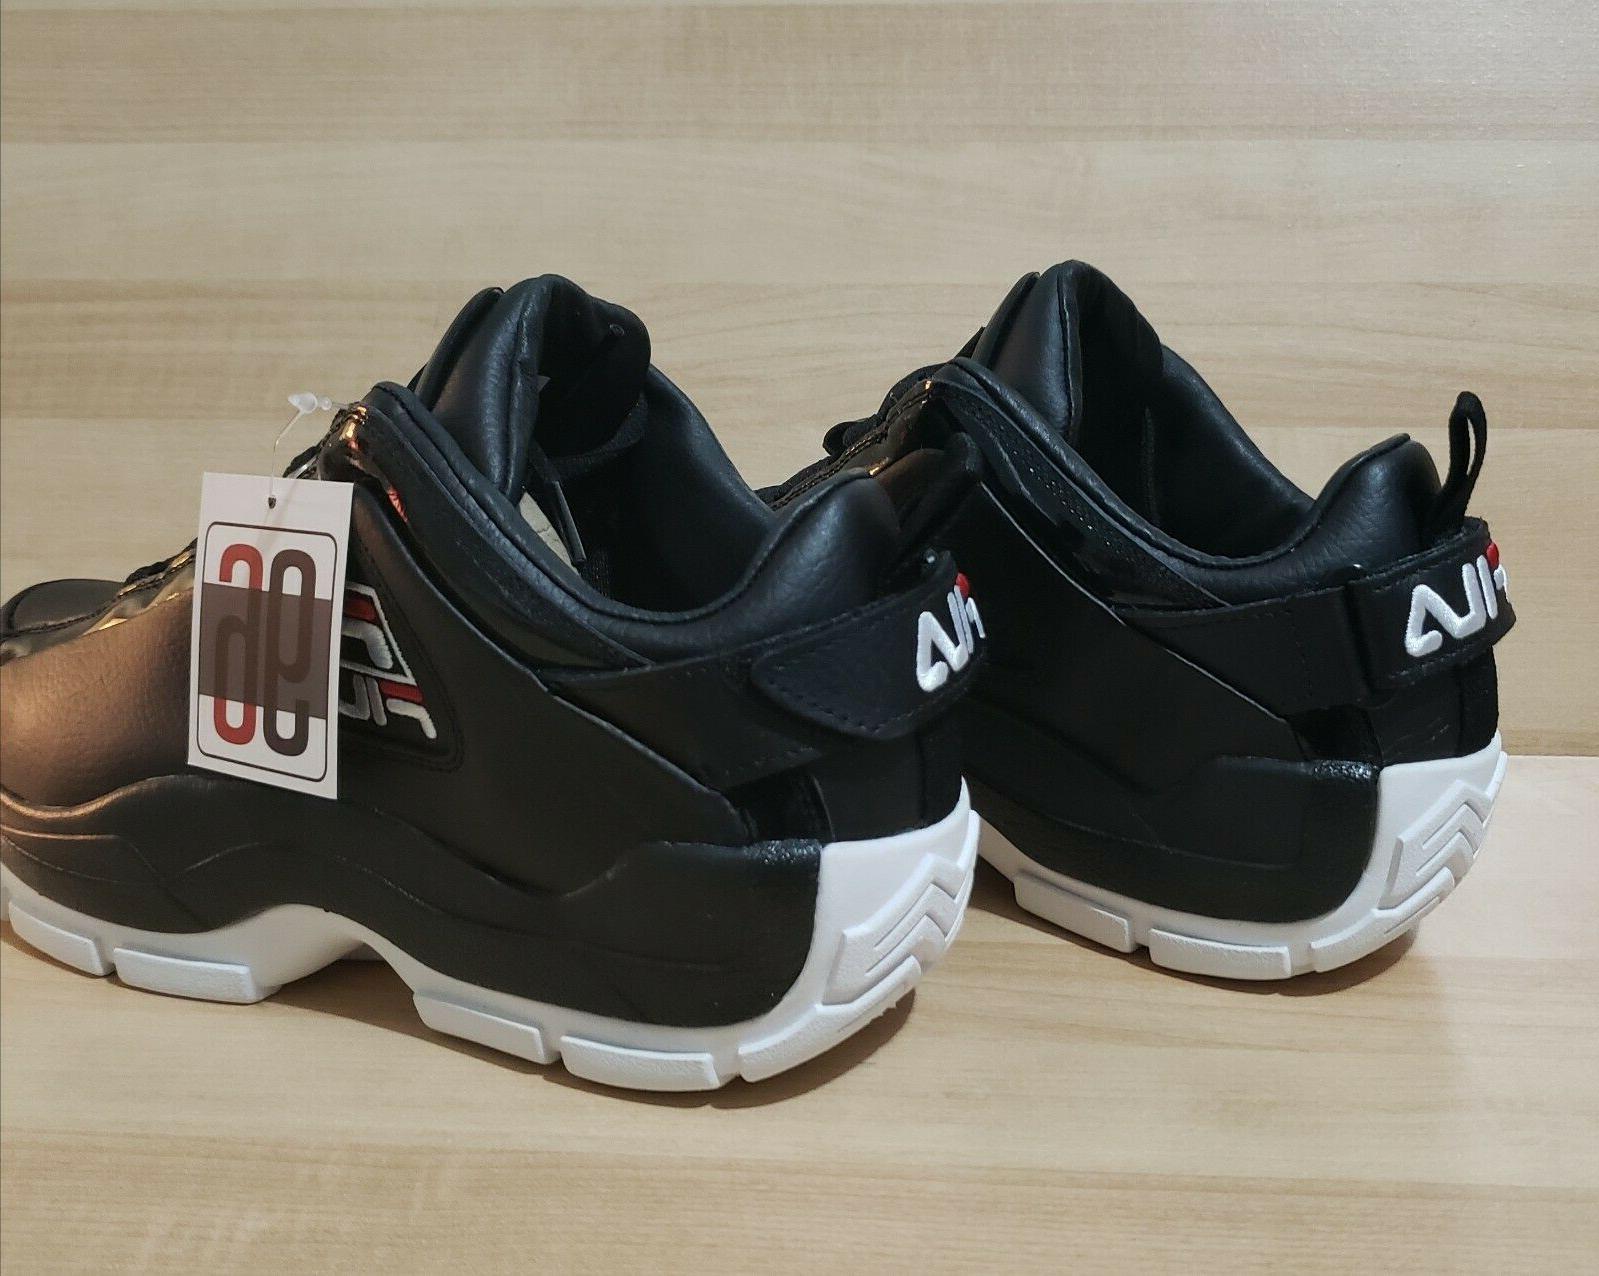 FILA 96 HILL 13 Black